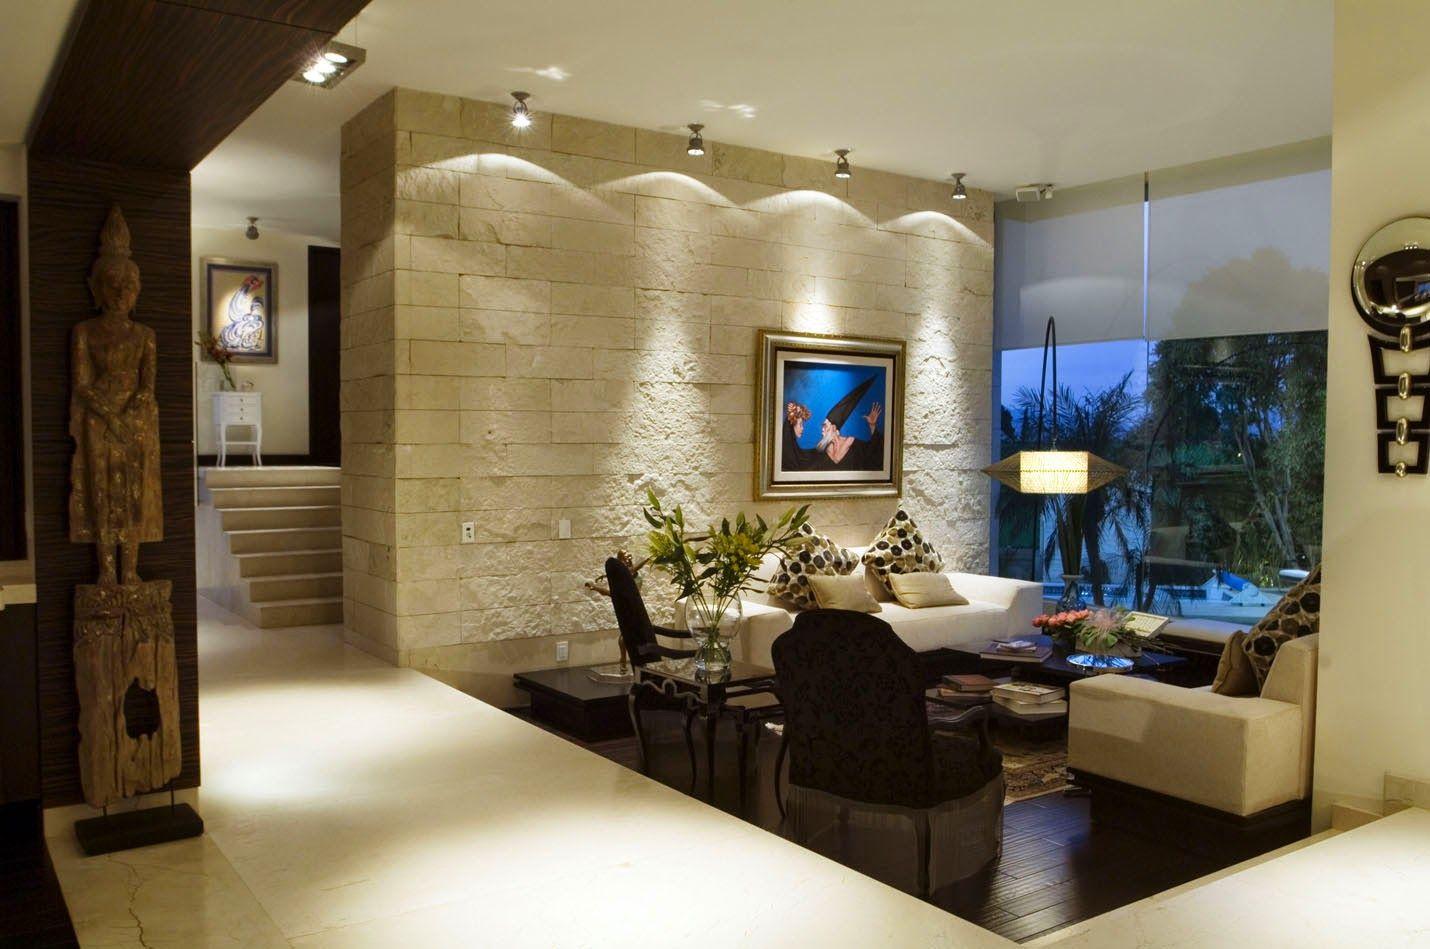 Interior de casas a desnivel buscar con google home - Busco disenador de interiores ...